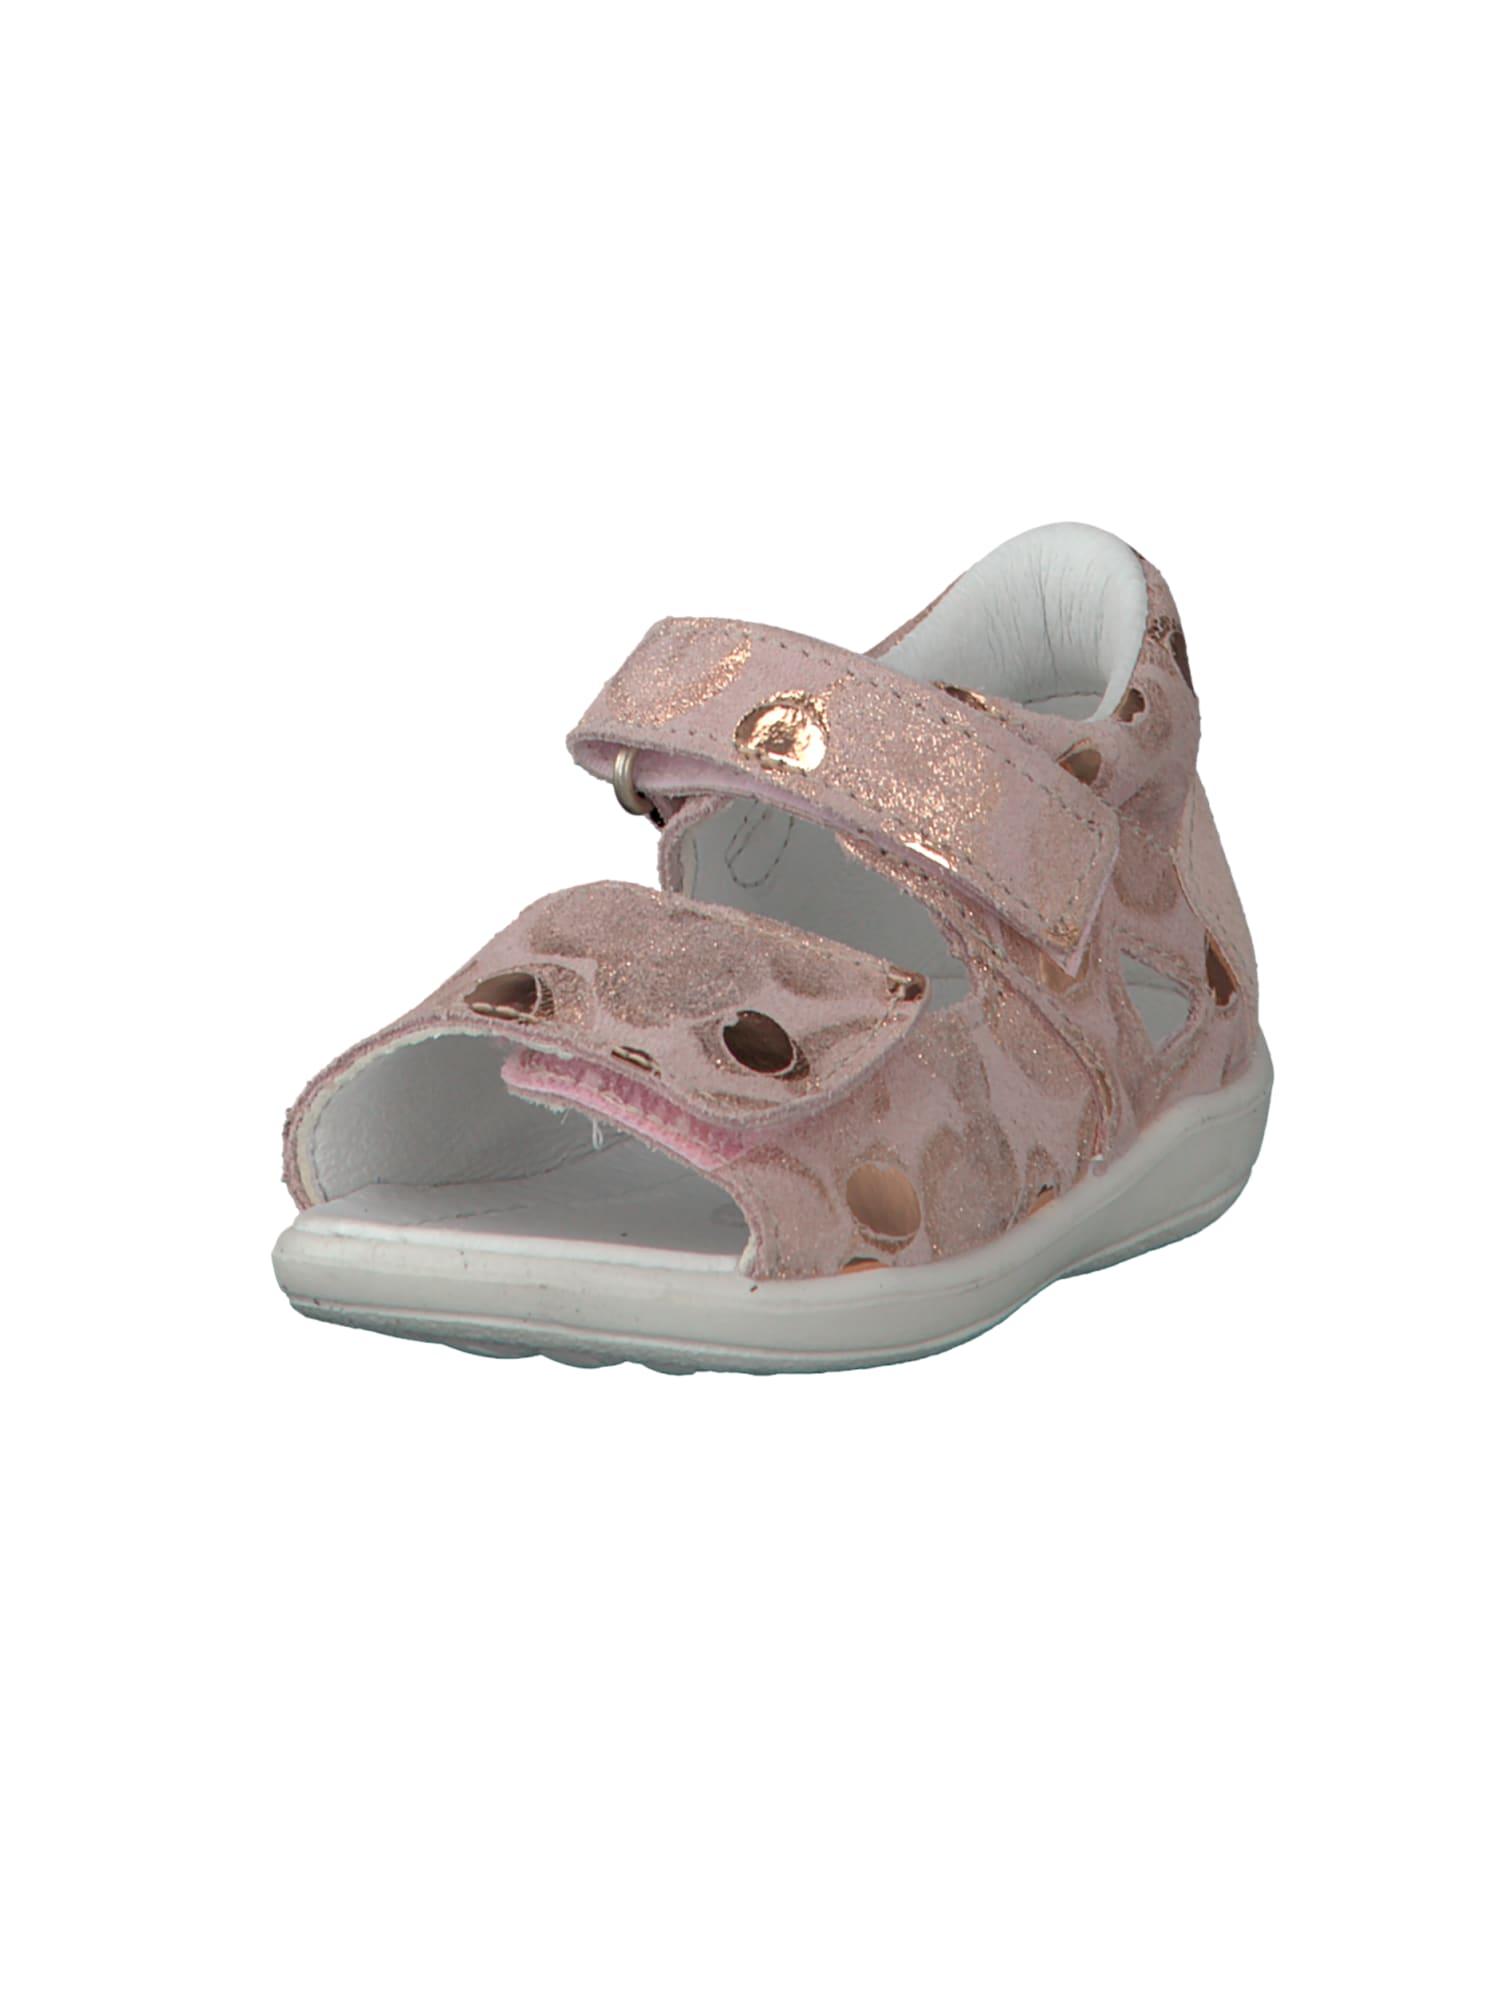 Sandály Taya zlatá růže Pepino